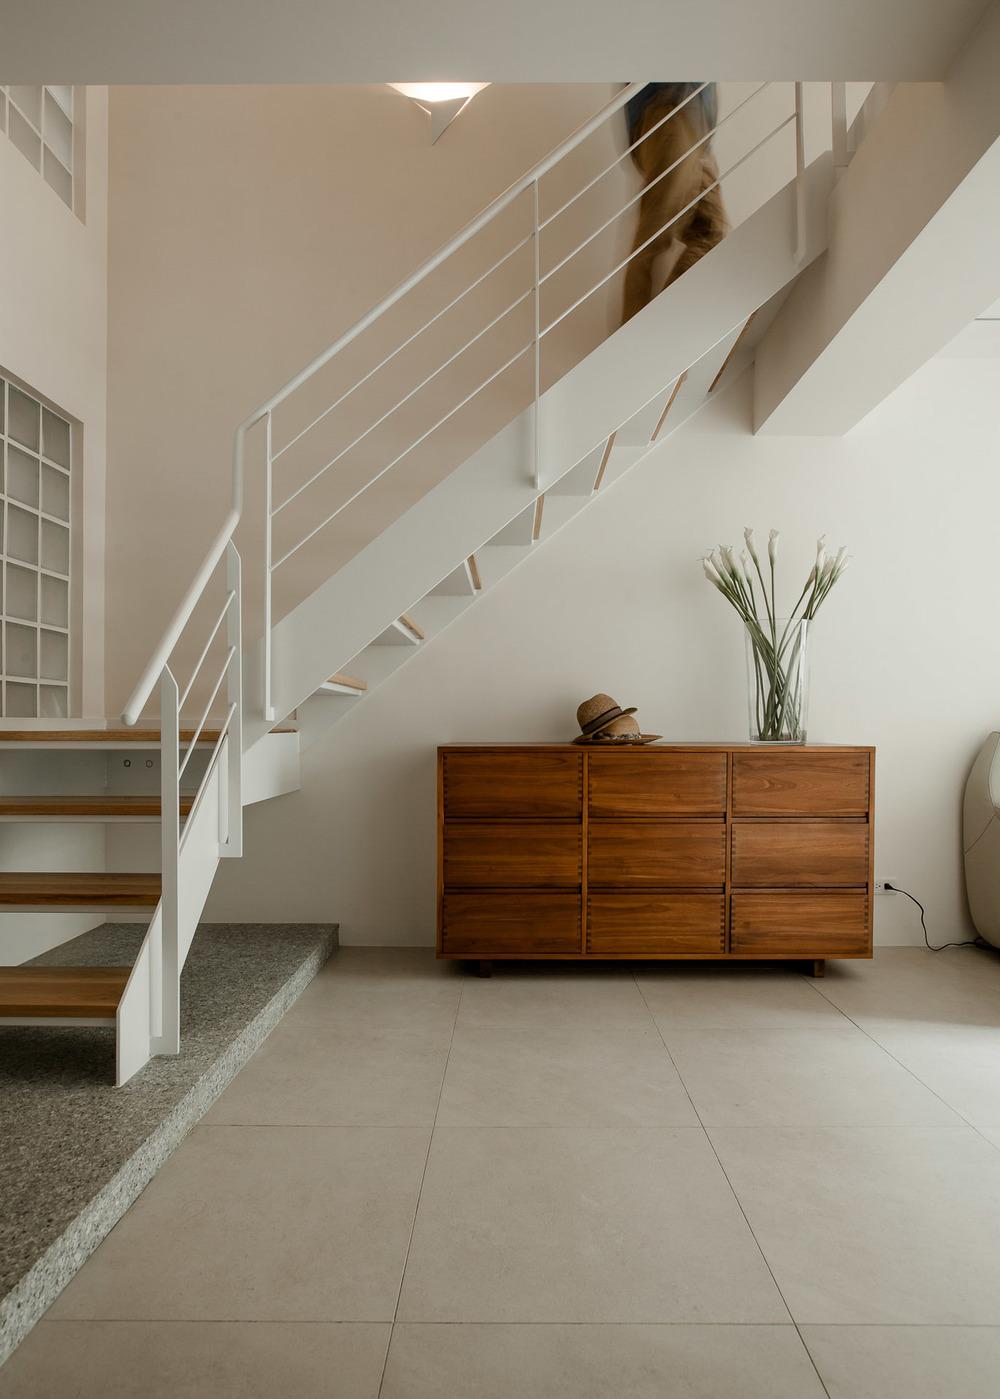 Interior-042.jpg